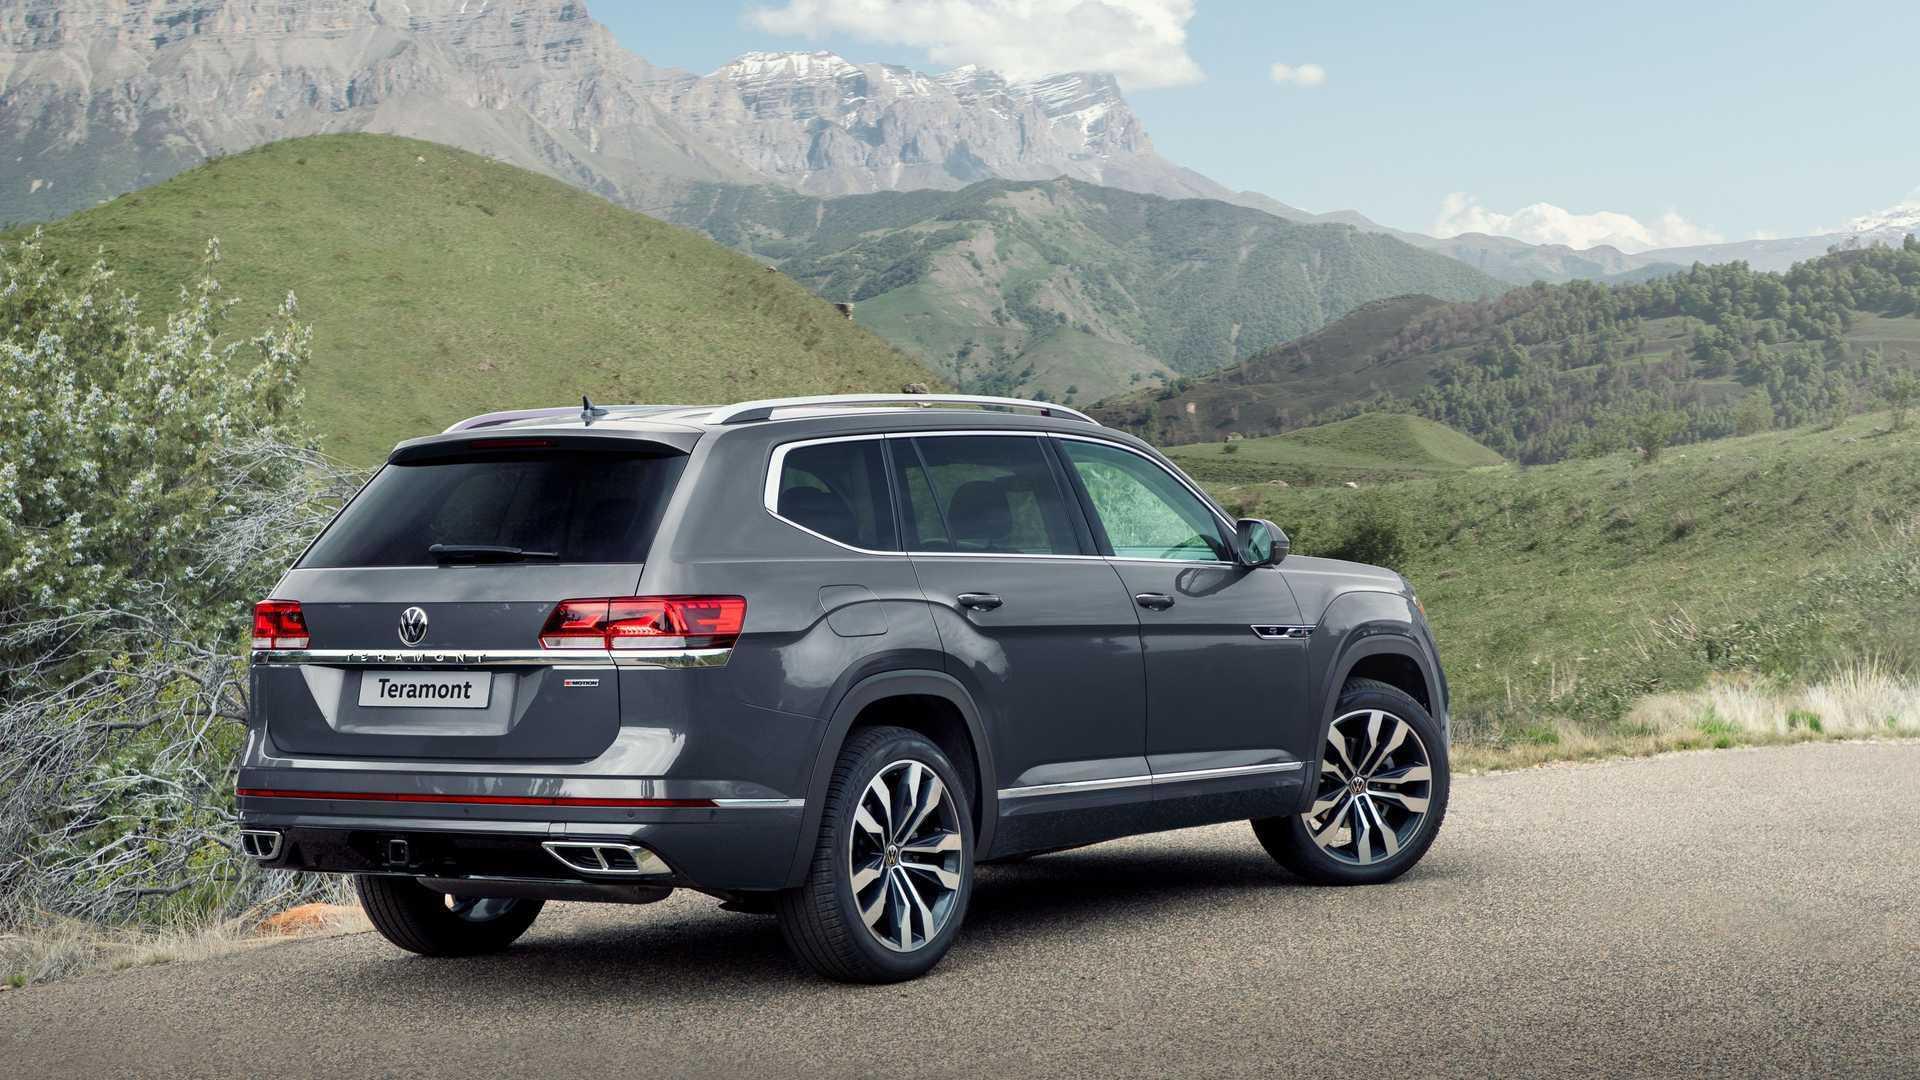 Volkswagen_Teramont_facelift_Euro-spec-0001